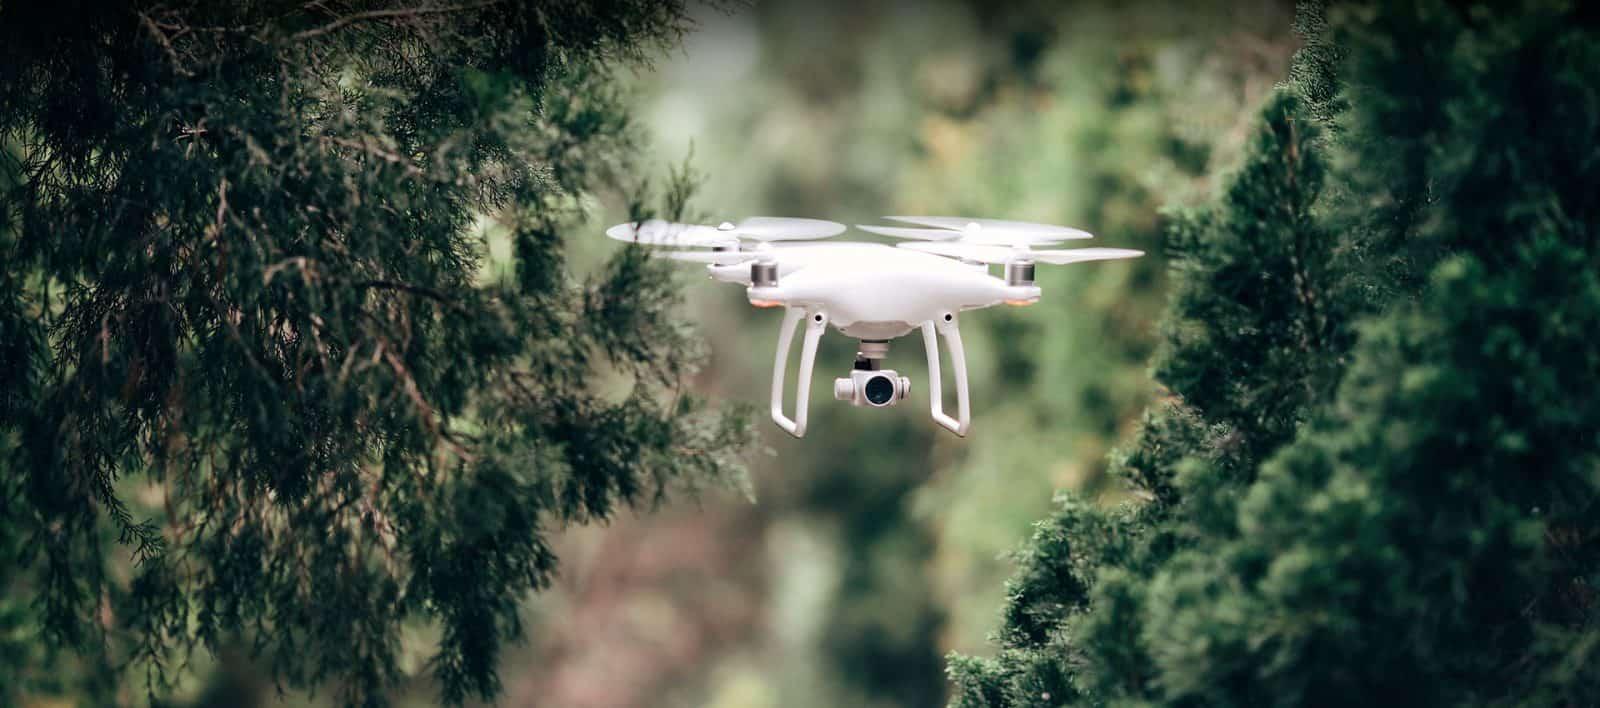 A video camera drone